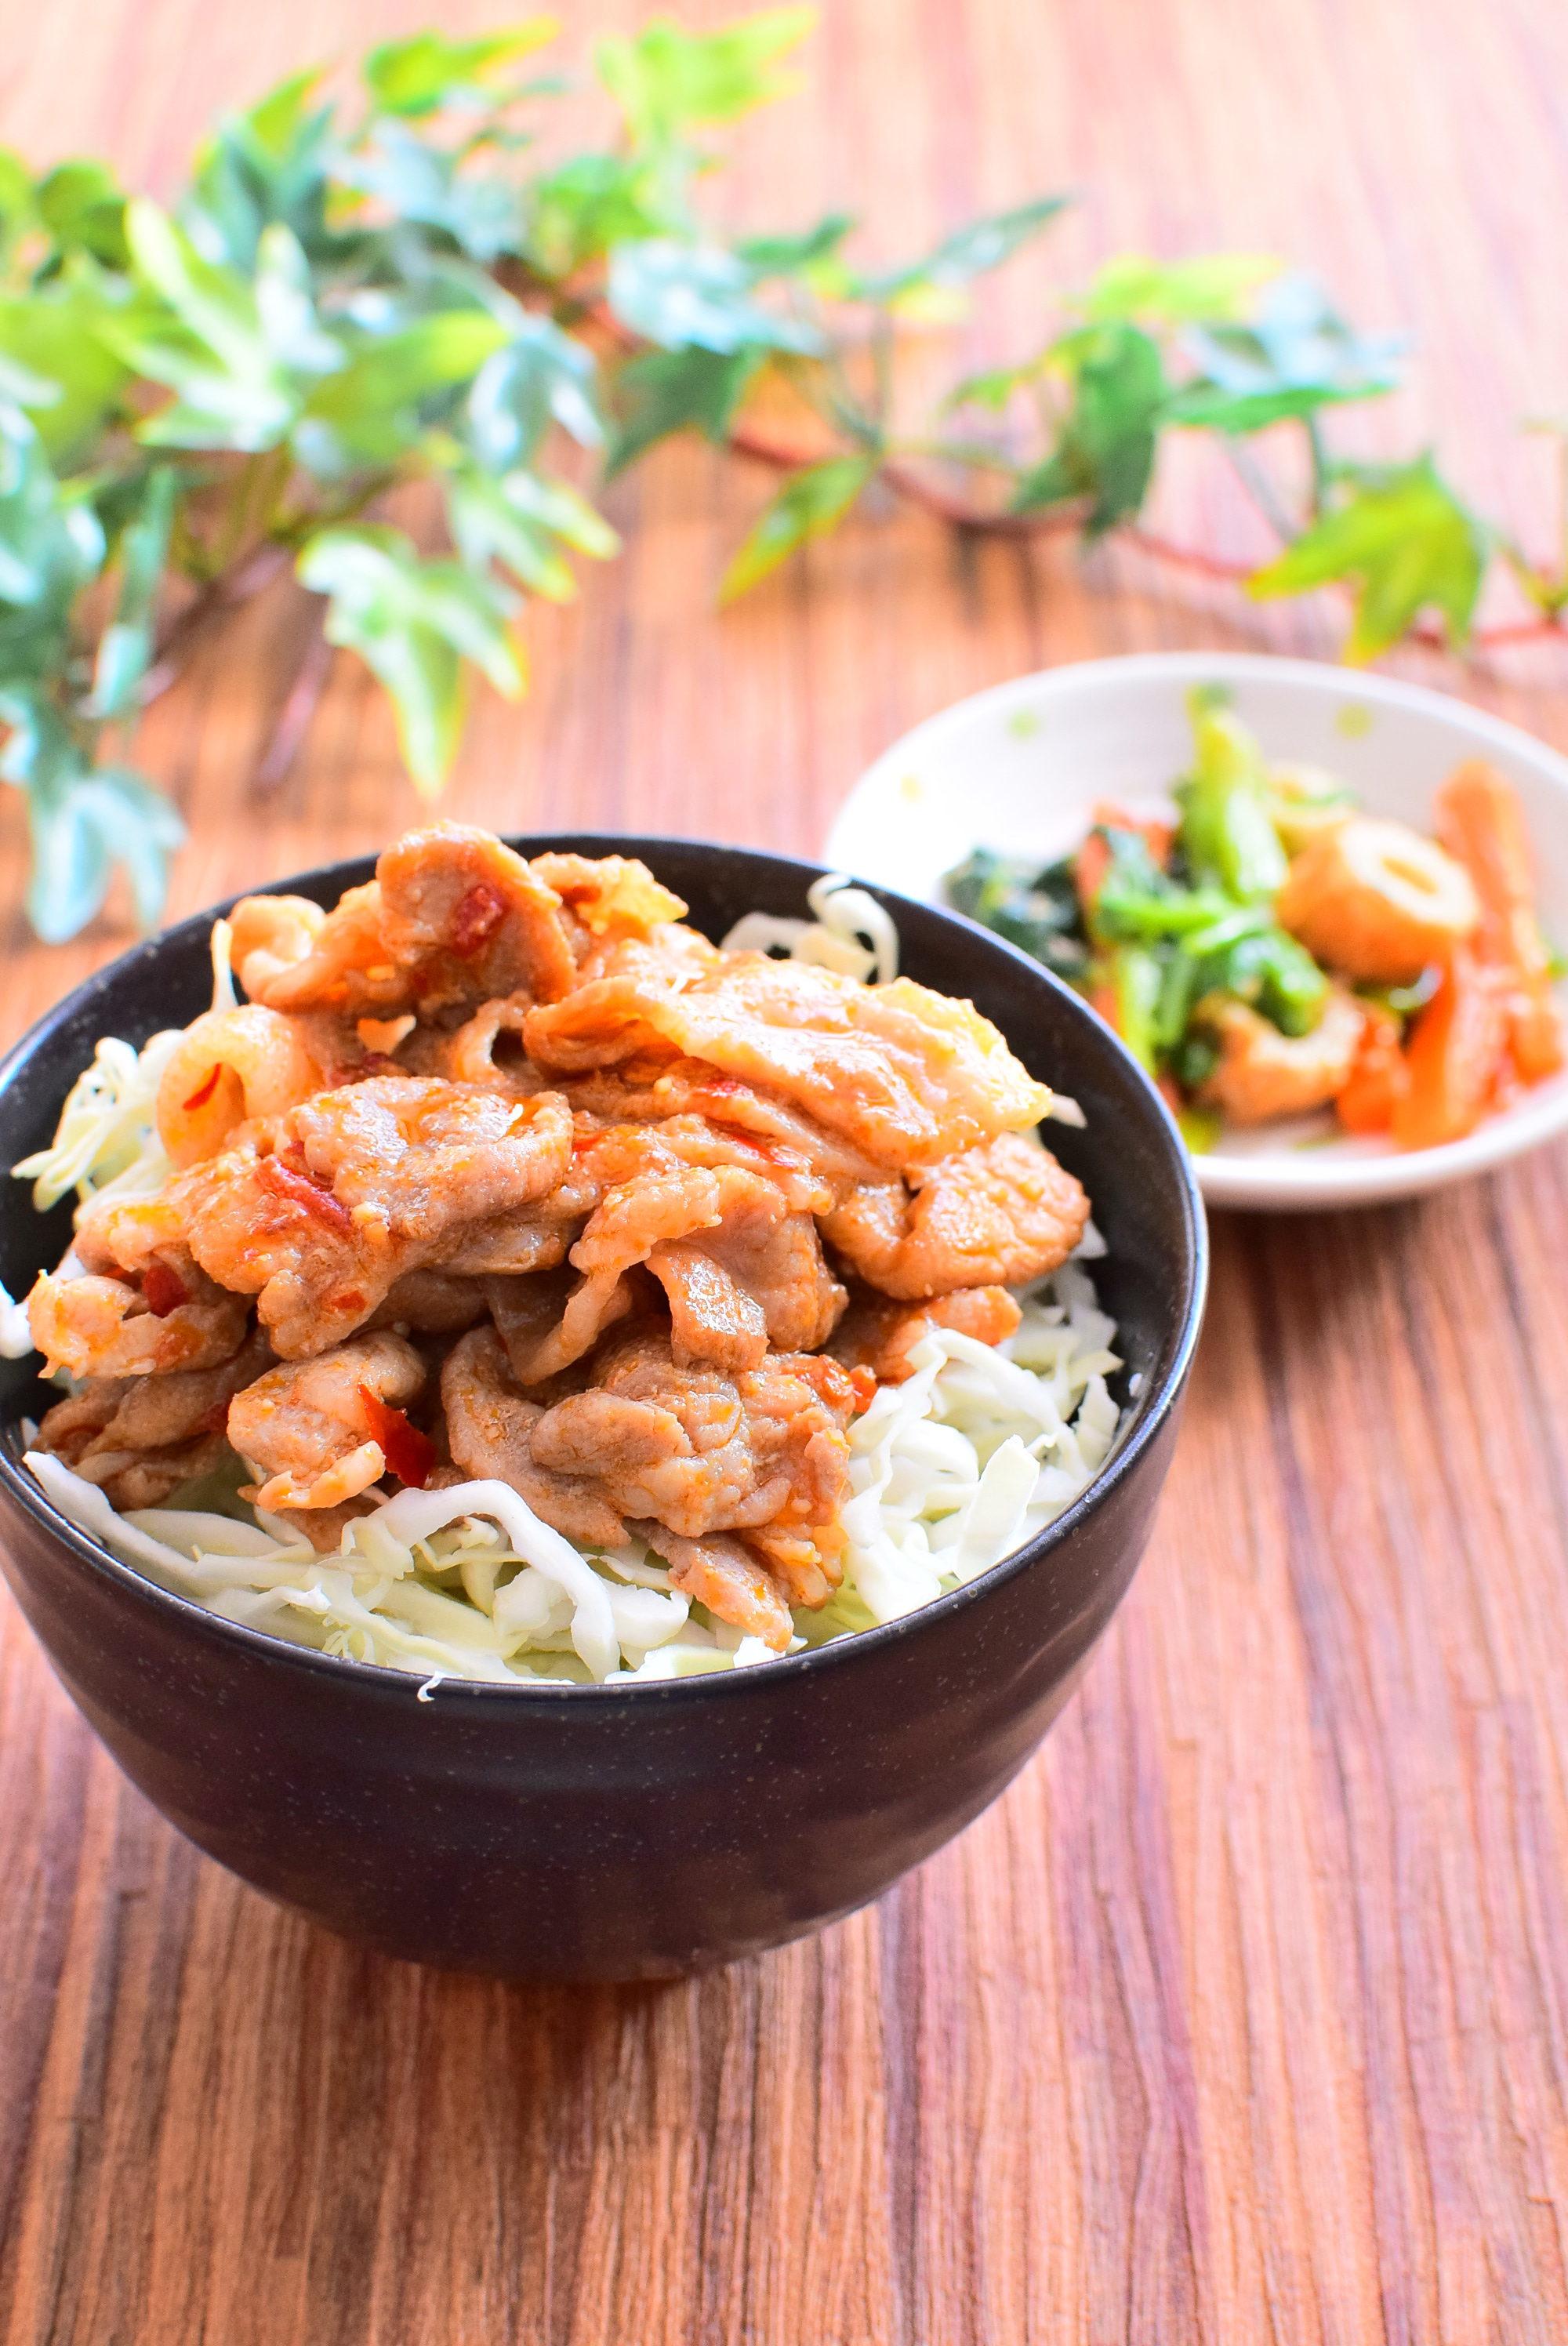 にんにく入り!ピリ辛、豚バラきゃべつ丼のレシピ